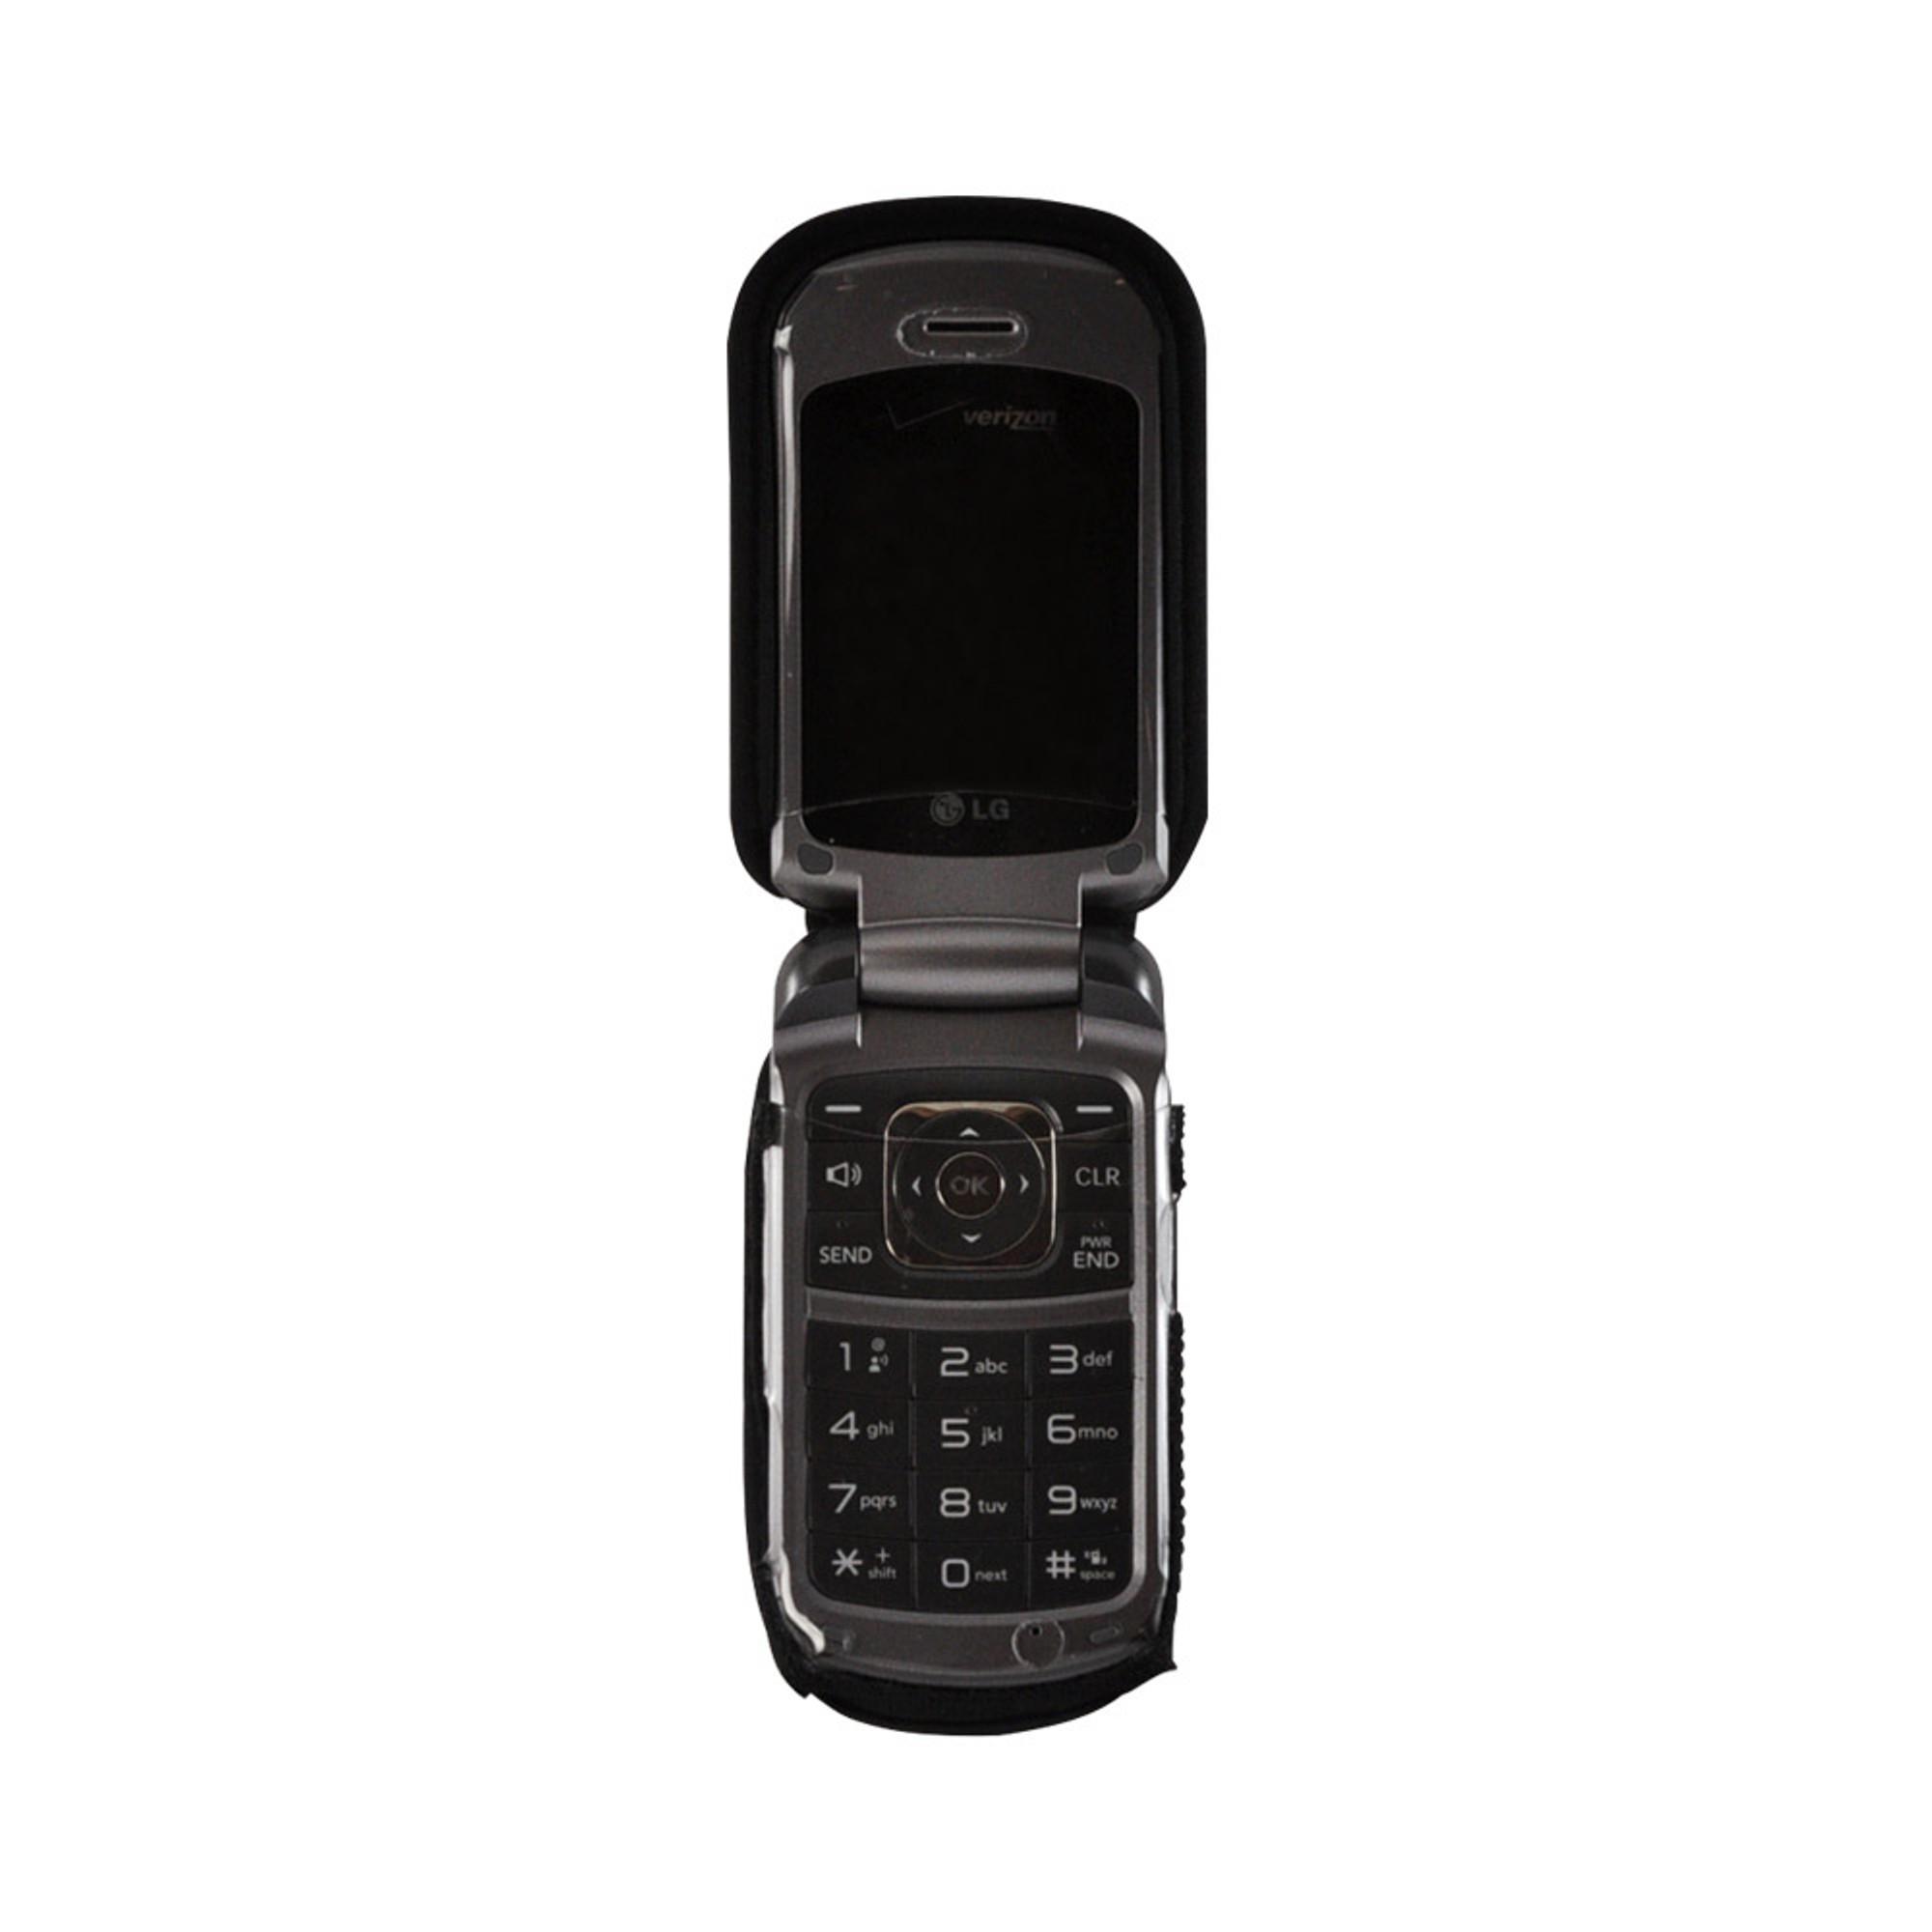 lg accolade manual various owner manual guide u2022 rh justk co LG Flip Phone Manual lg accolade user guide